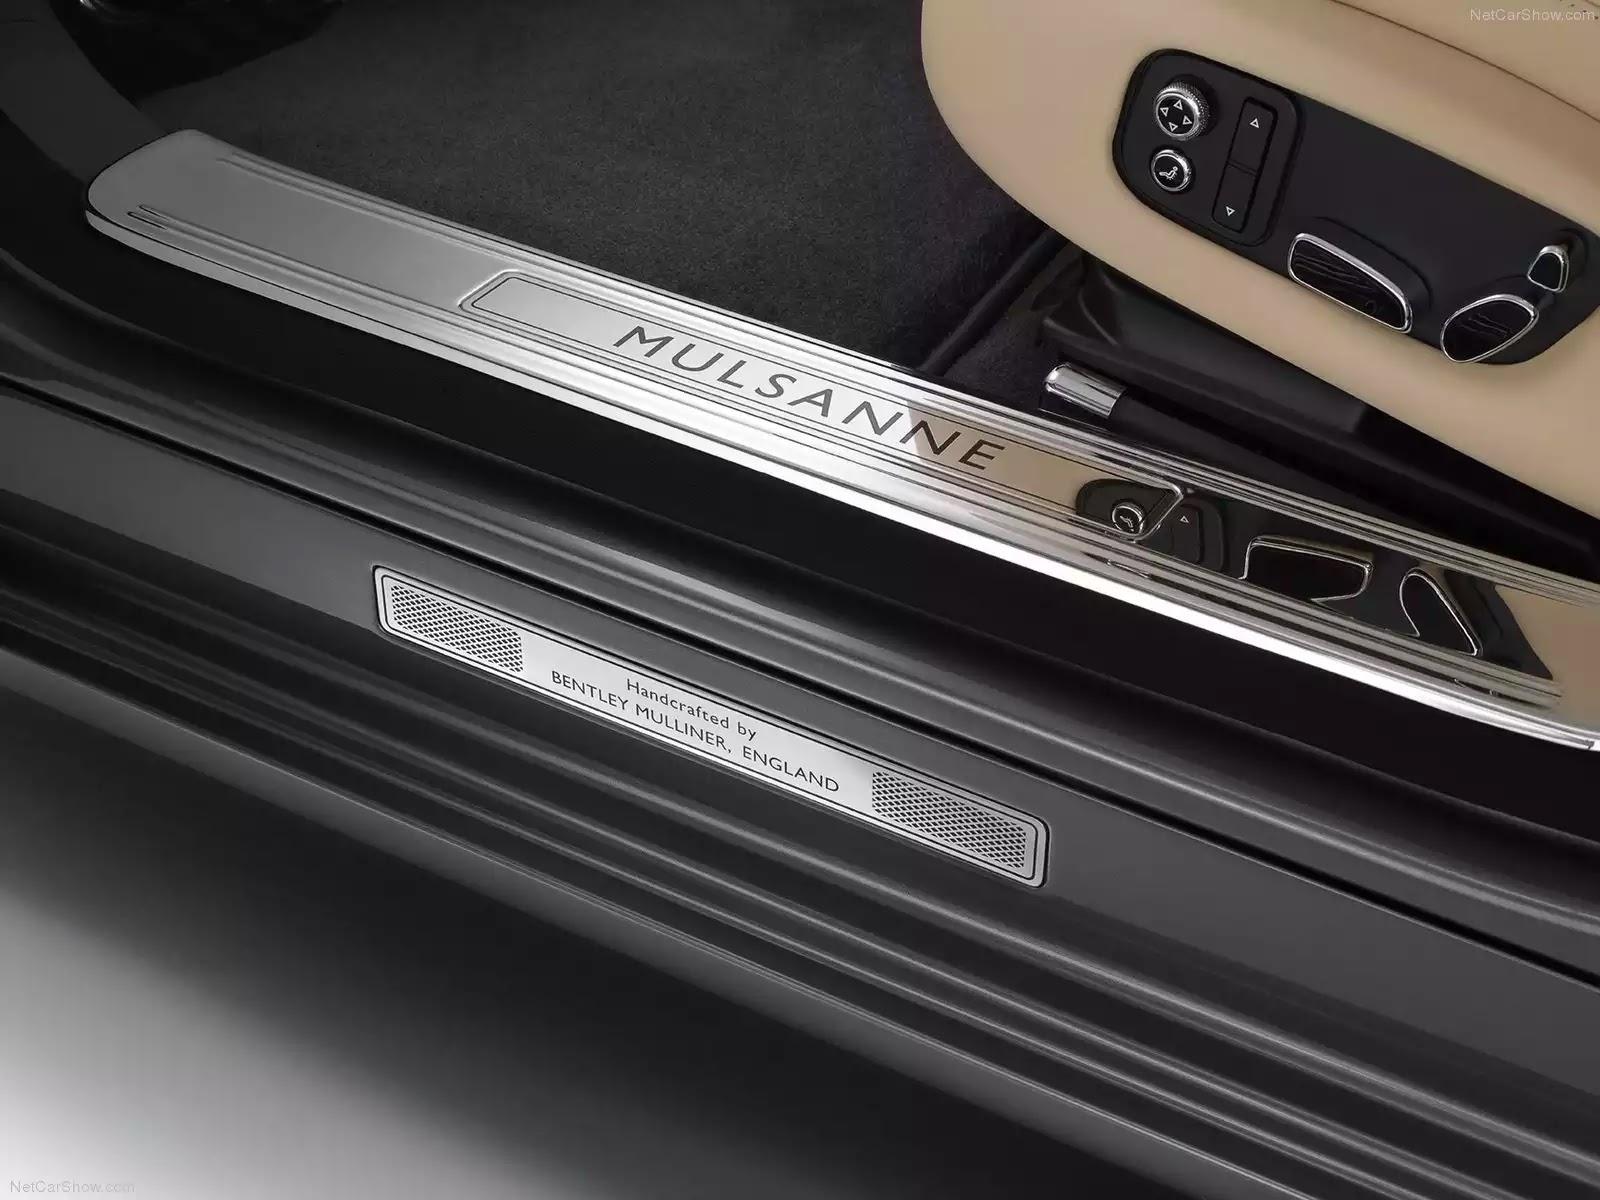 Hình ảnh xe ô tô Bentley Mulsanne Mulliner 2013 & nội ngoại thất